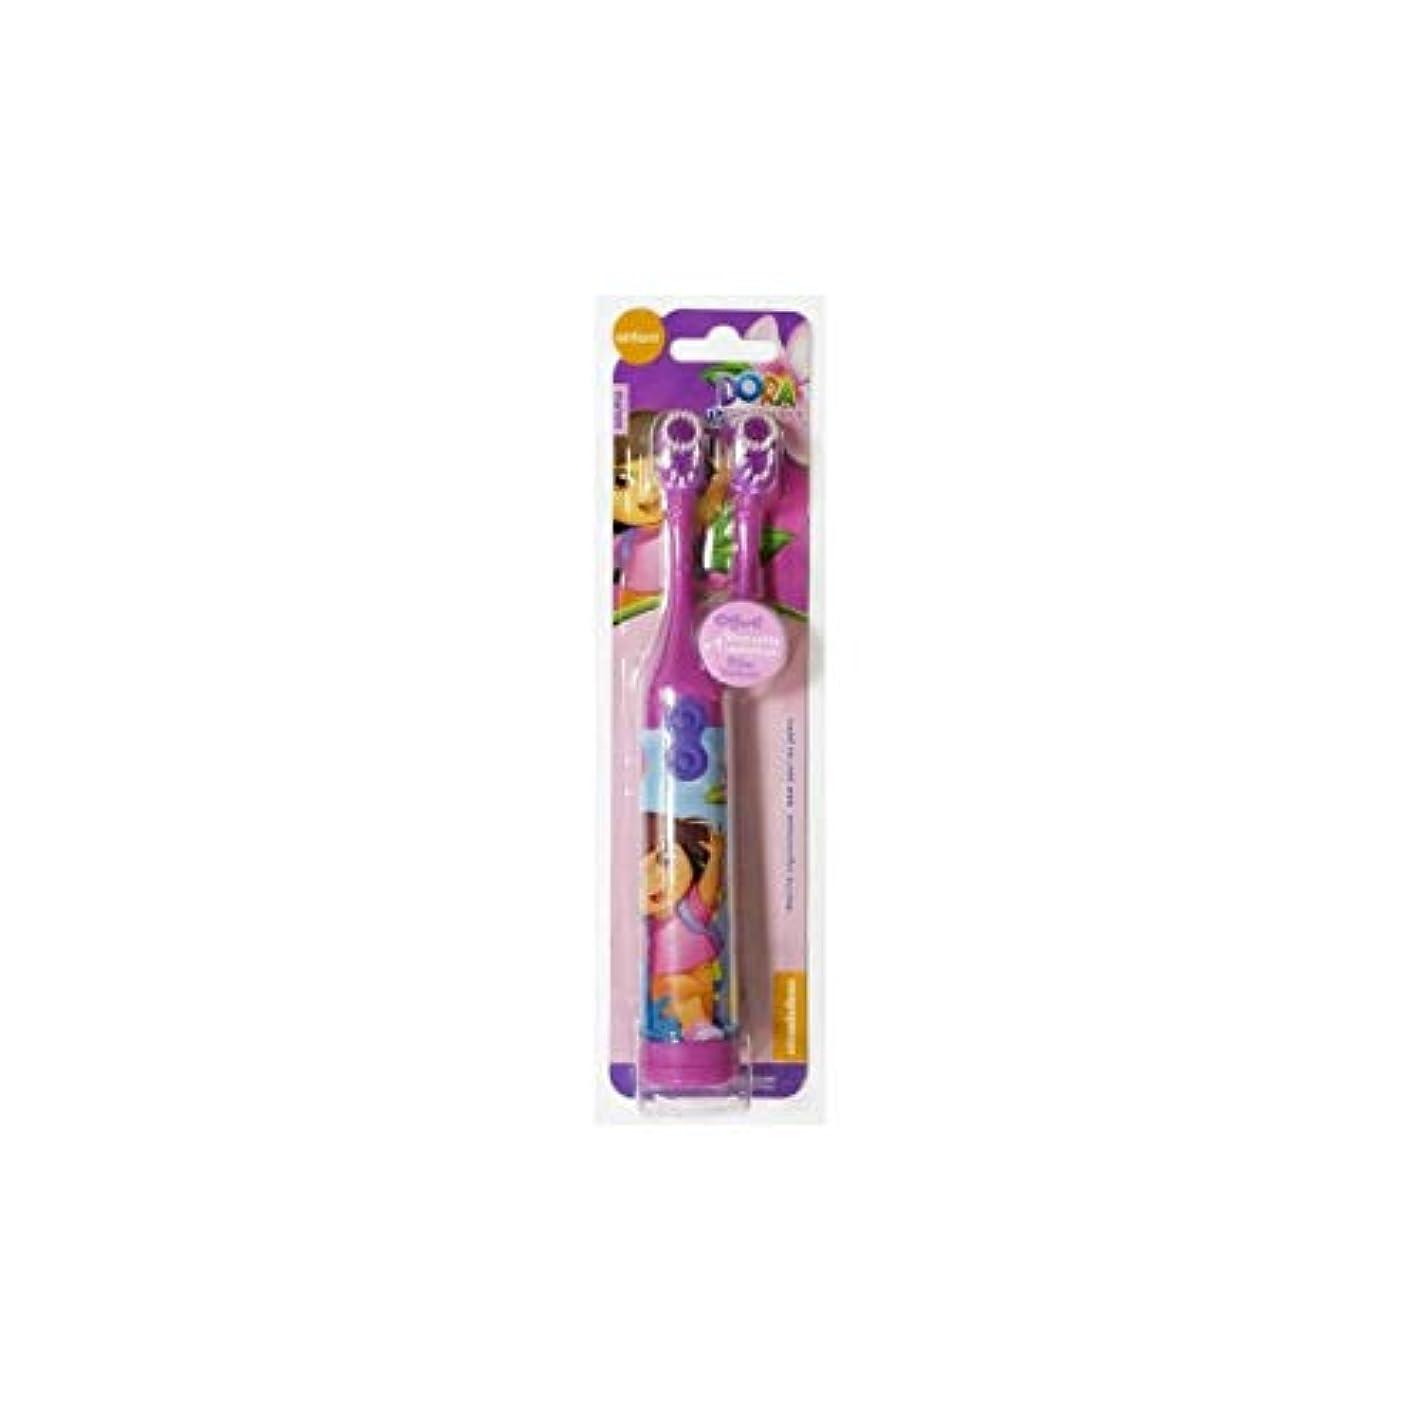 乳製品ガイドライン申請者ドーラ子供用電動歯ブラシ(DORA Electric spin Toothbrush for Kids)